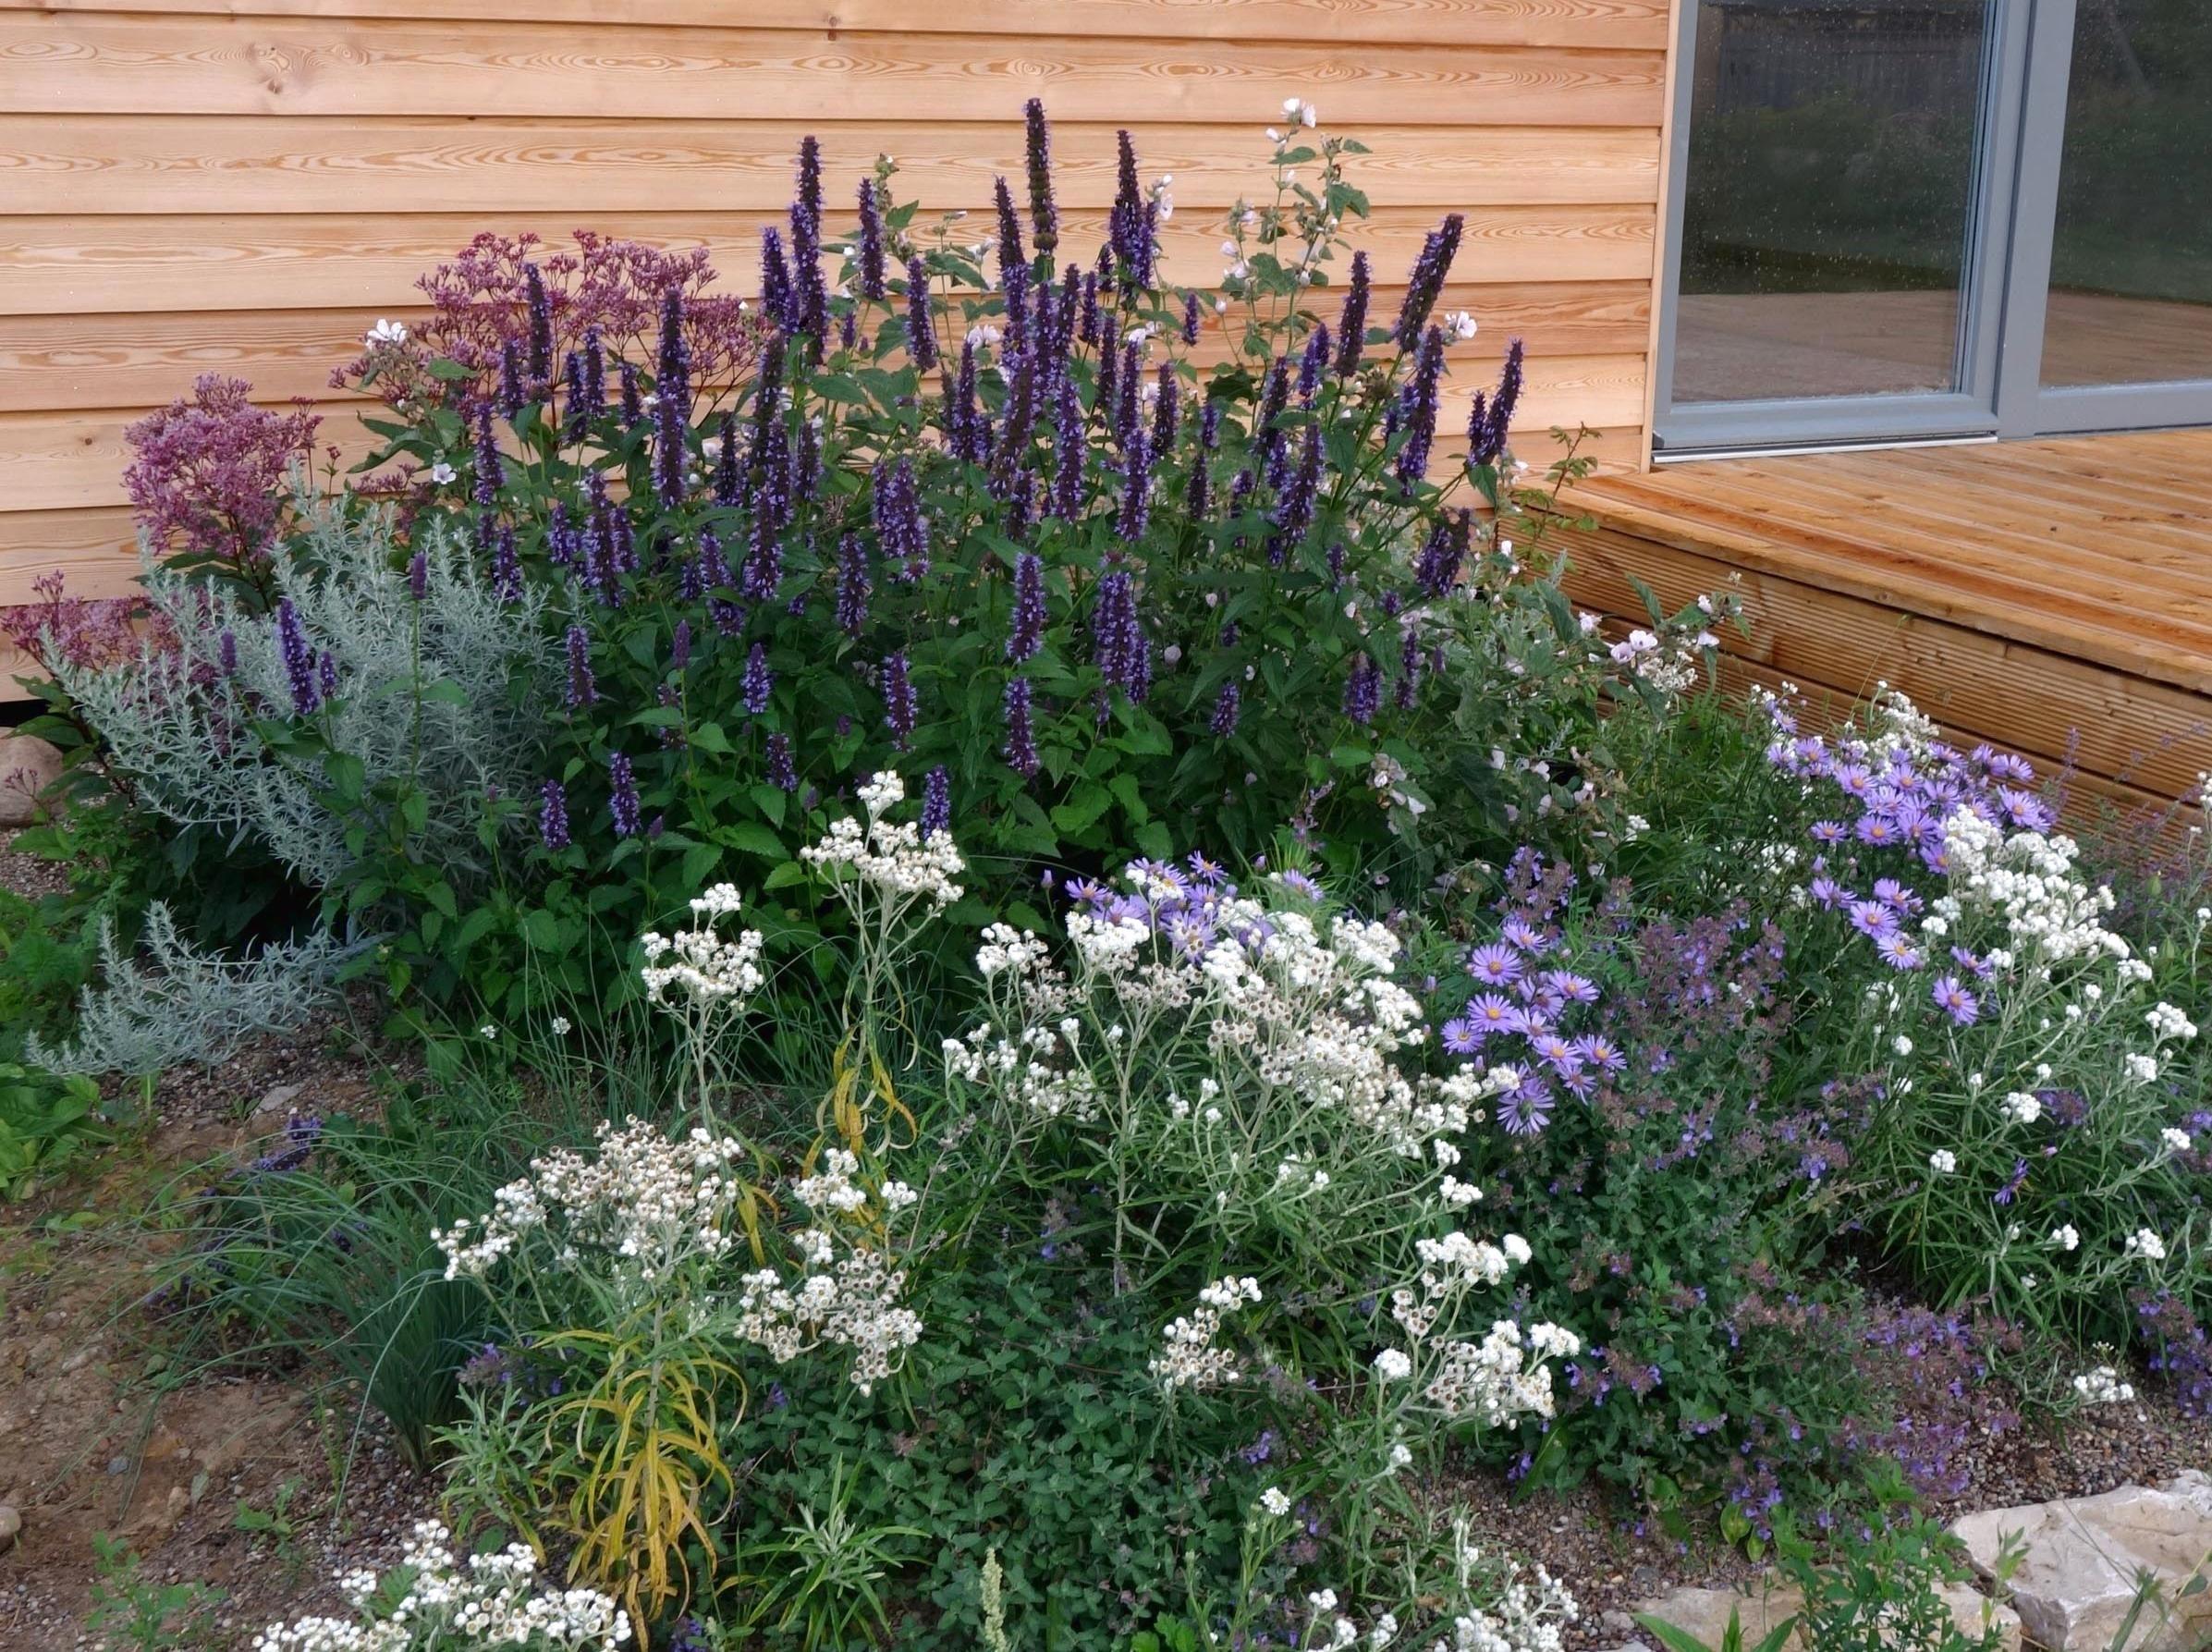 Unter Den Klassischen Garten Duftnesseln Ist Mir Die Hybride Black Adder Die Liebste Sie Hat Die Kontraststarksten Bluten Garten Gartenpflanzen Pflanzen